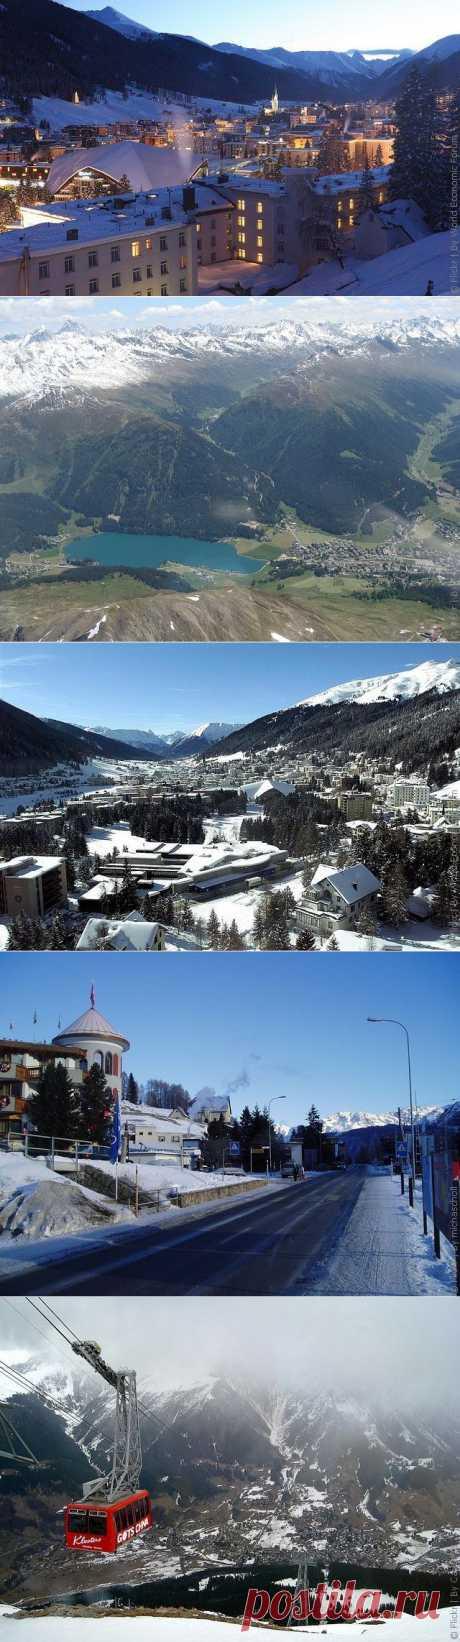 Давос - горнолыжный курорт в Швейцарии, фото курорта